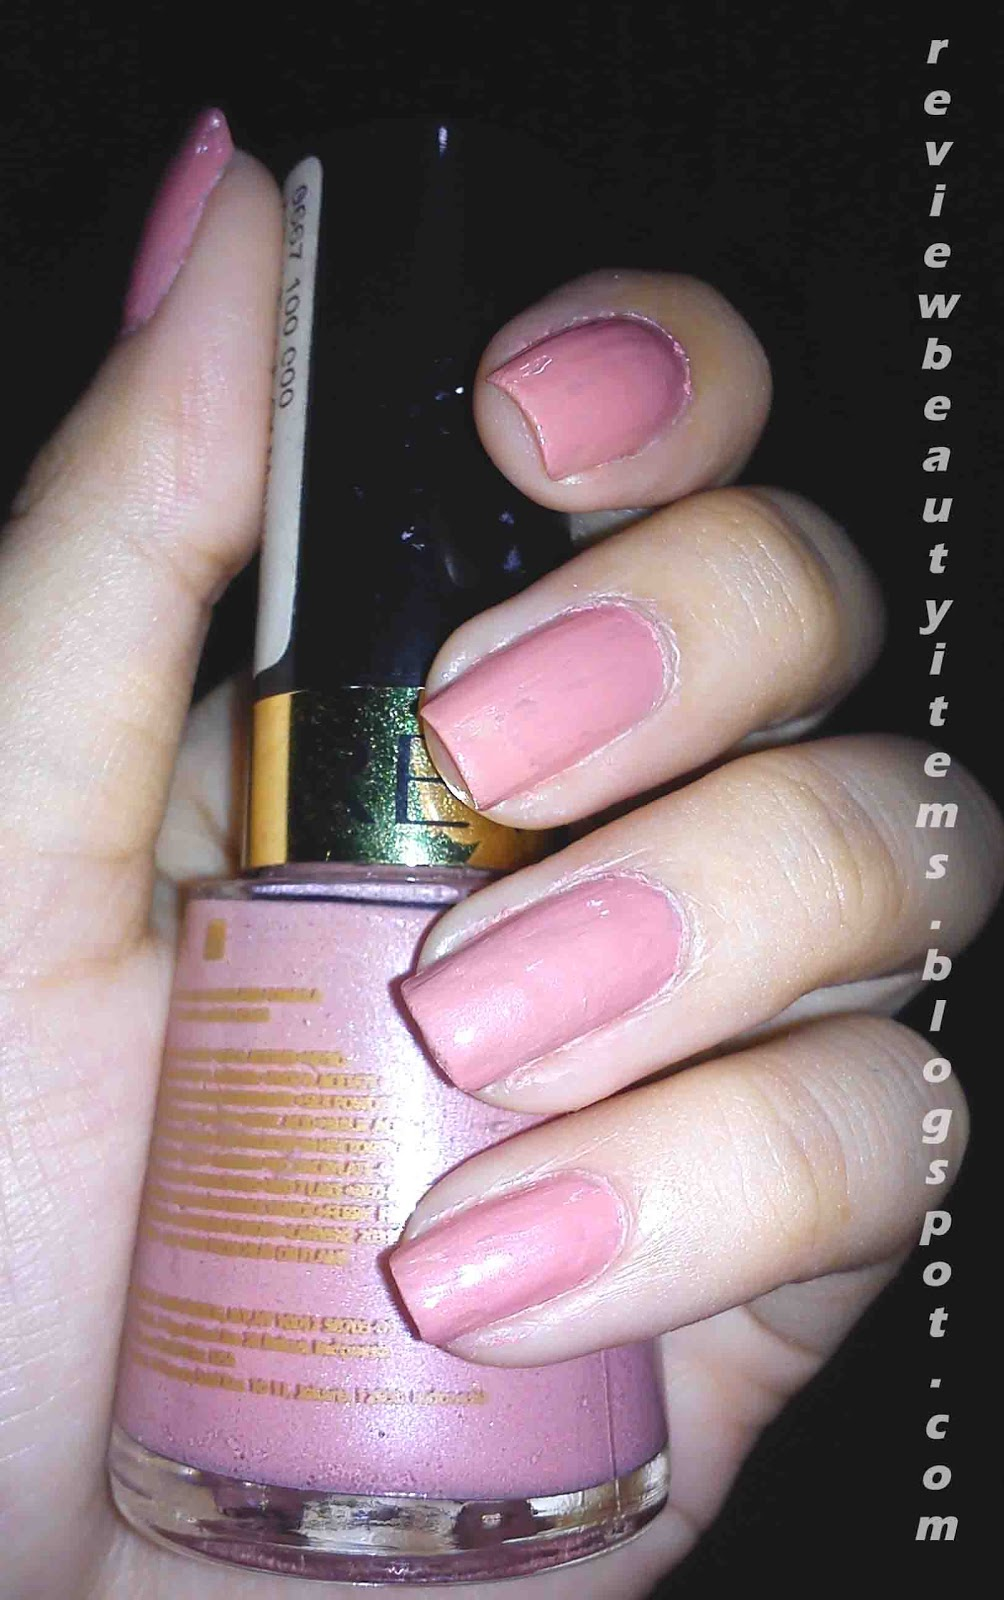 Revlon - Touch of Mauve | Review Beauty Items